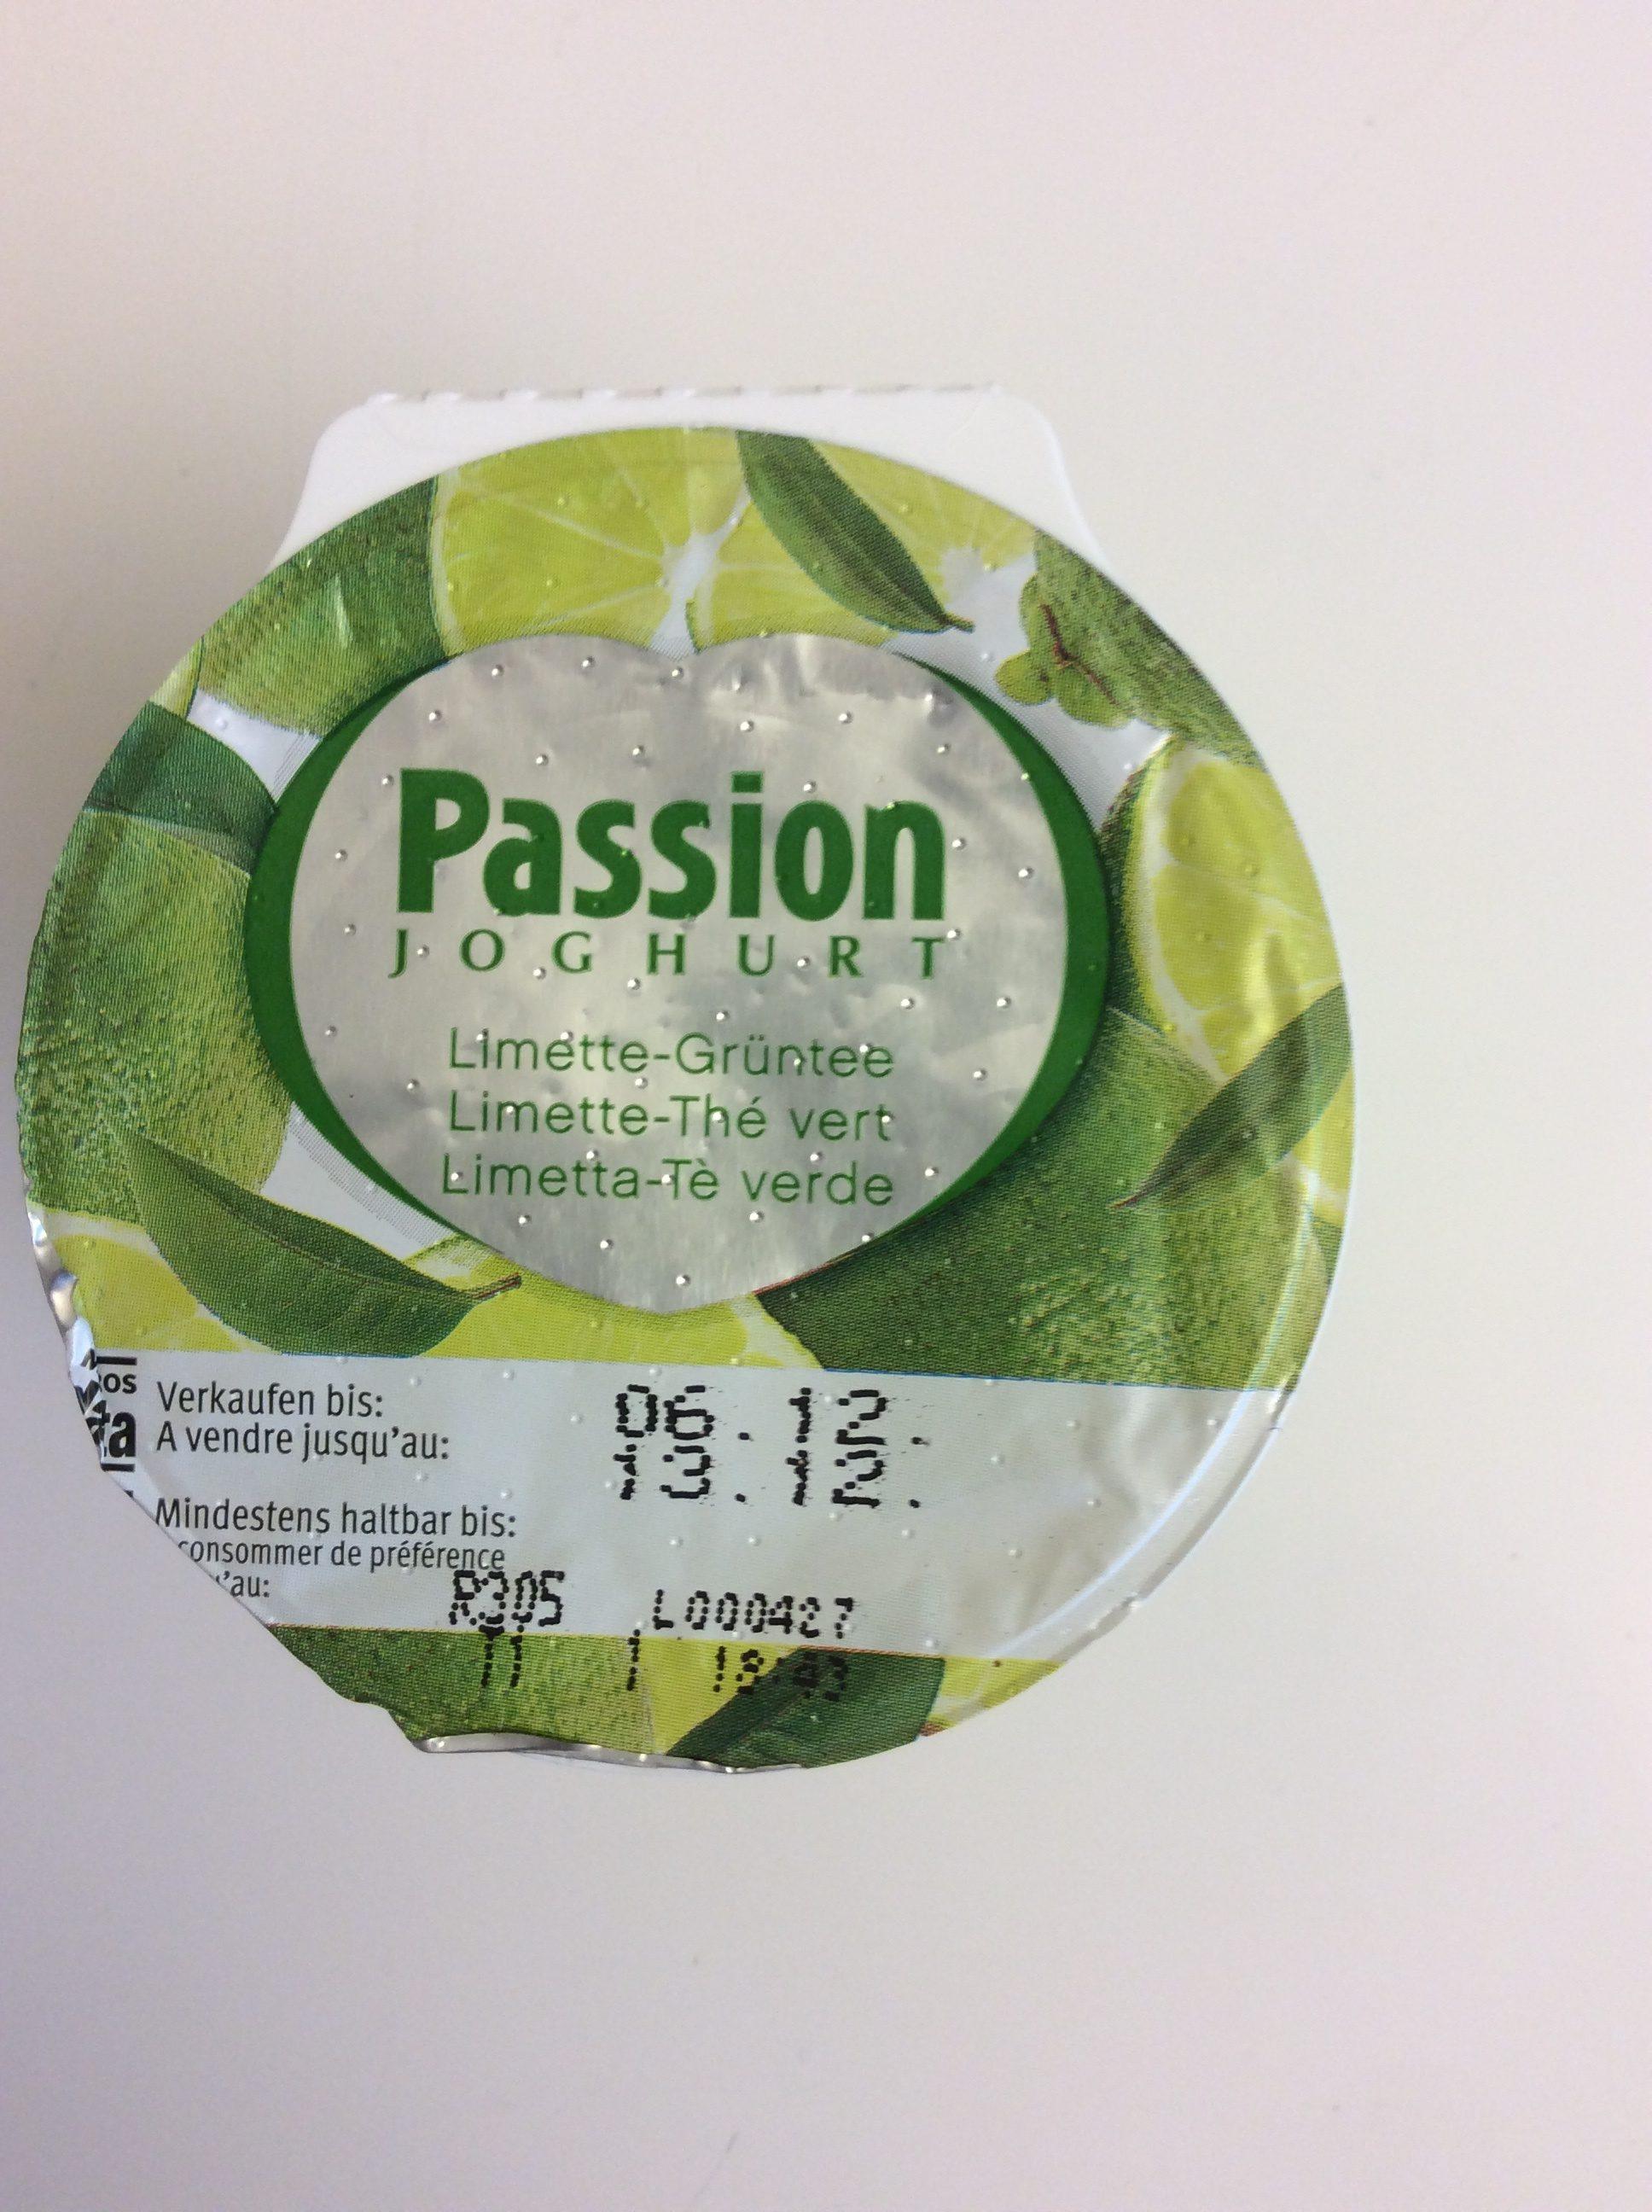 Passion Joghurt Limette-Thé vert - Product - fr